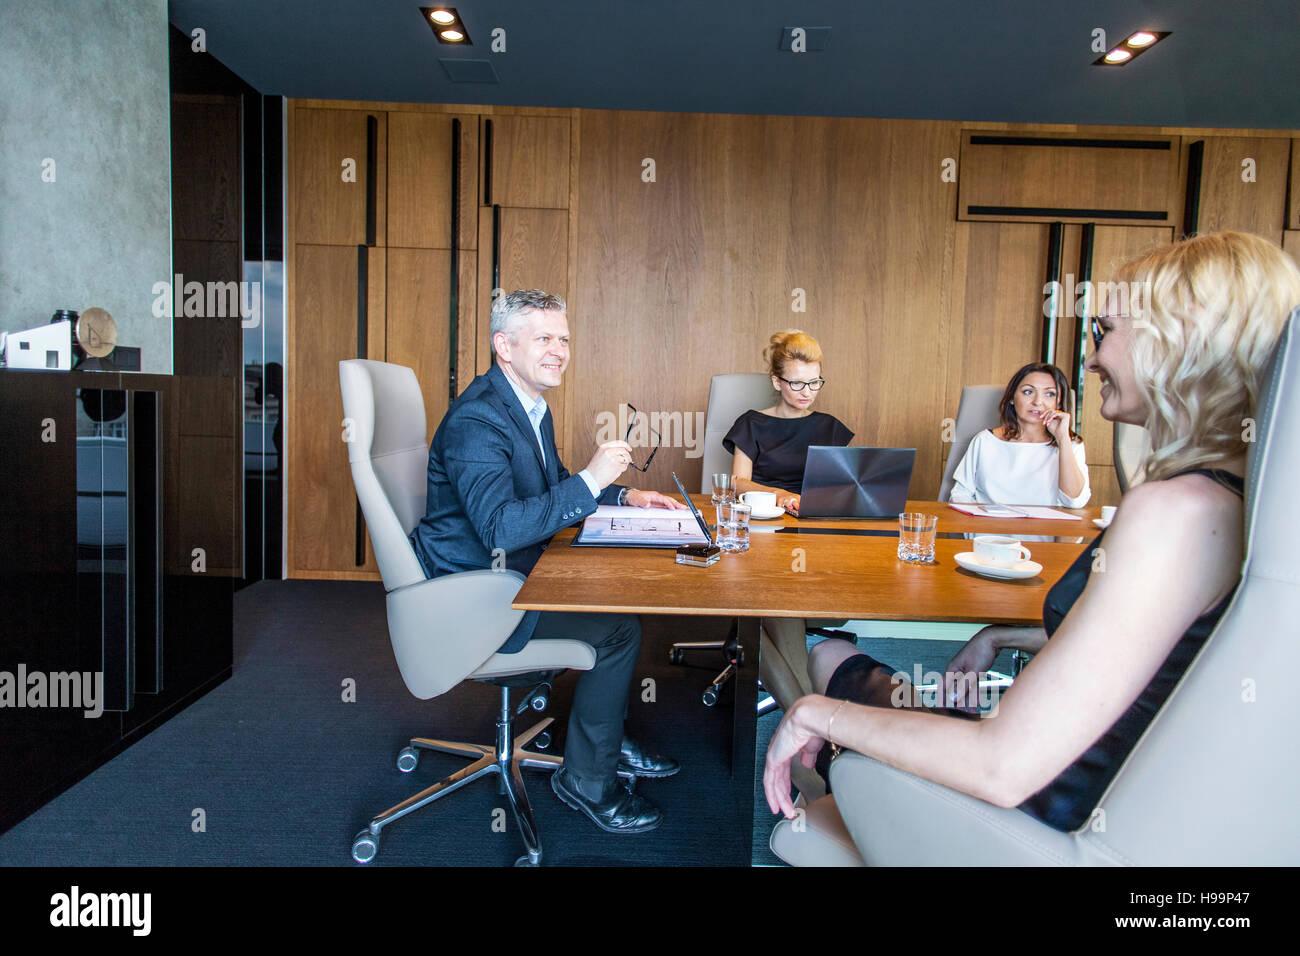 Une réunion d'affaires dans la salle de conférence Photo Stock